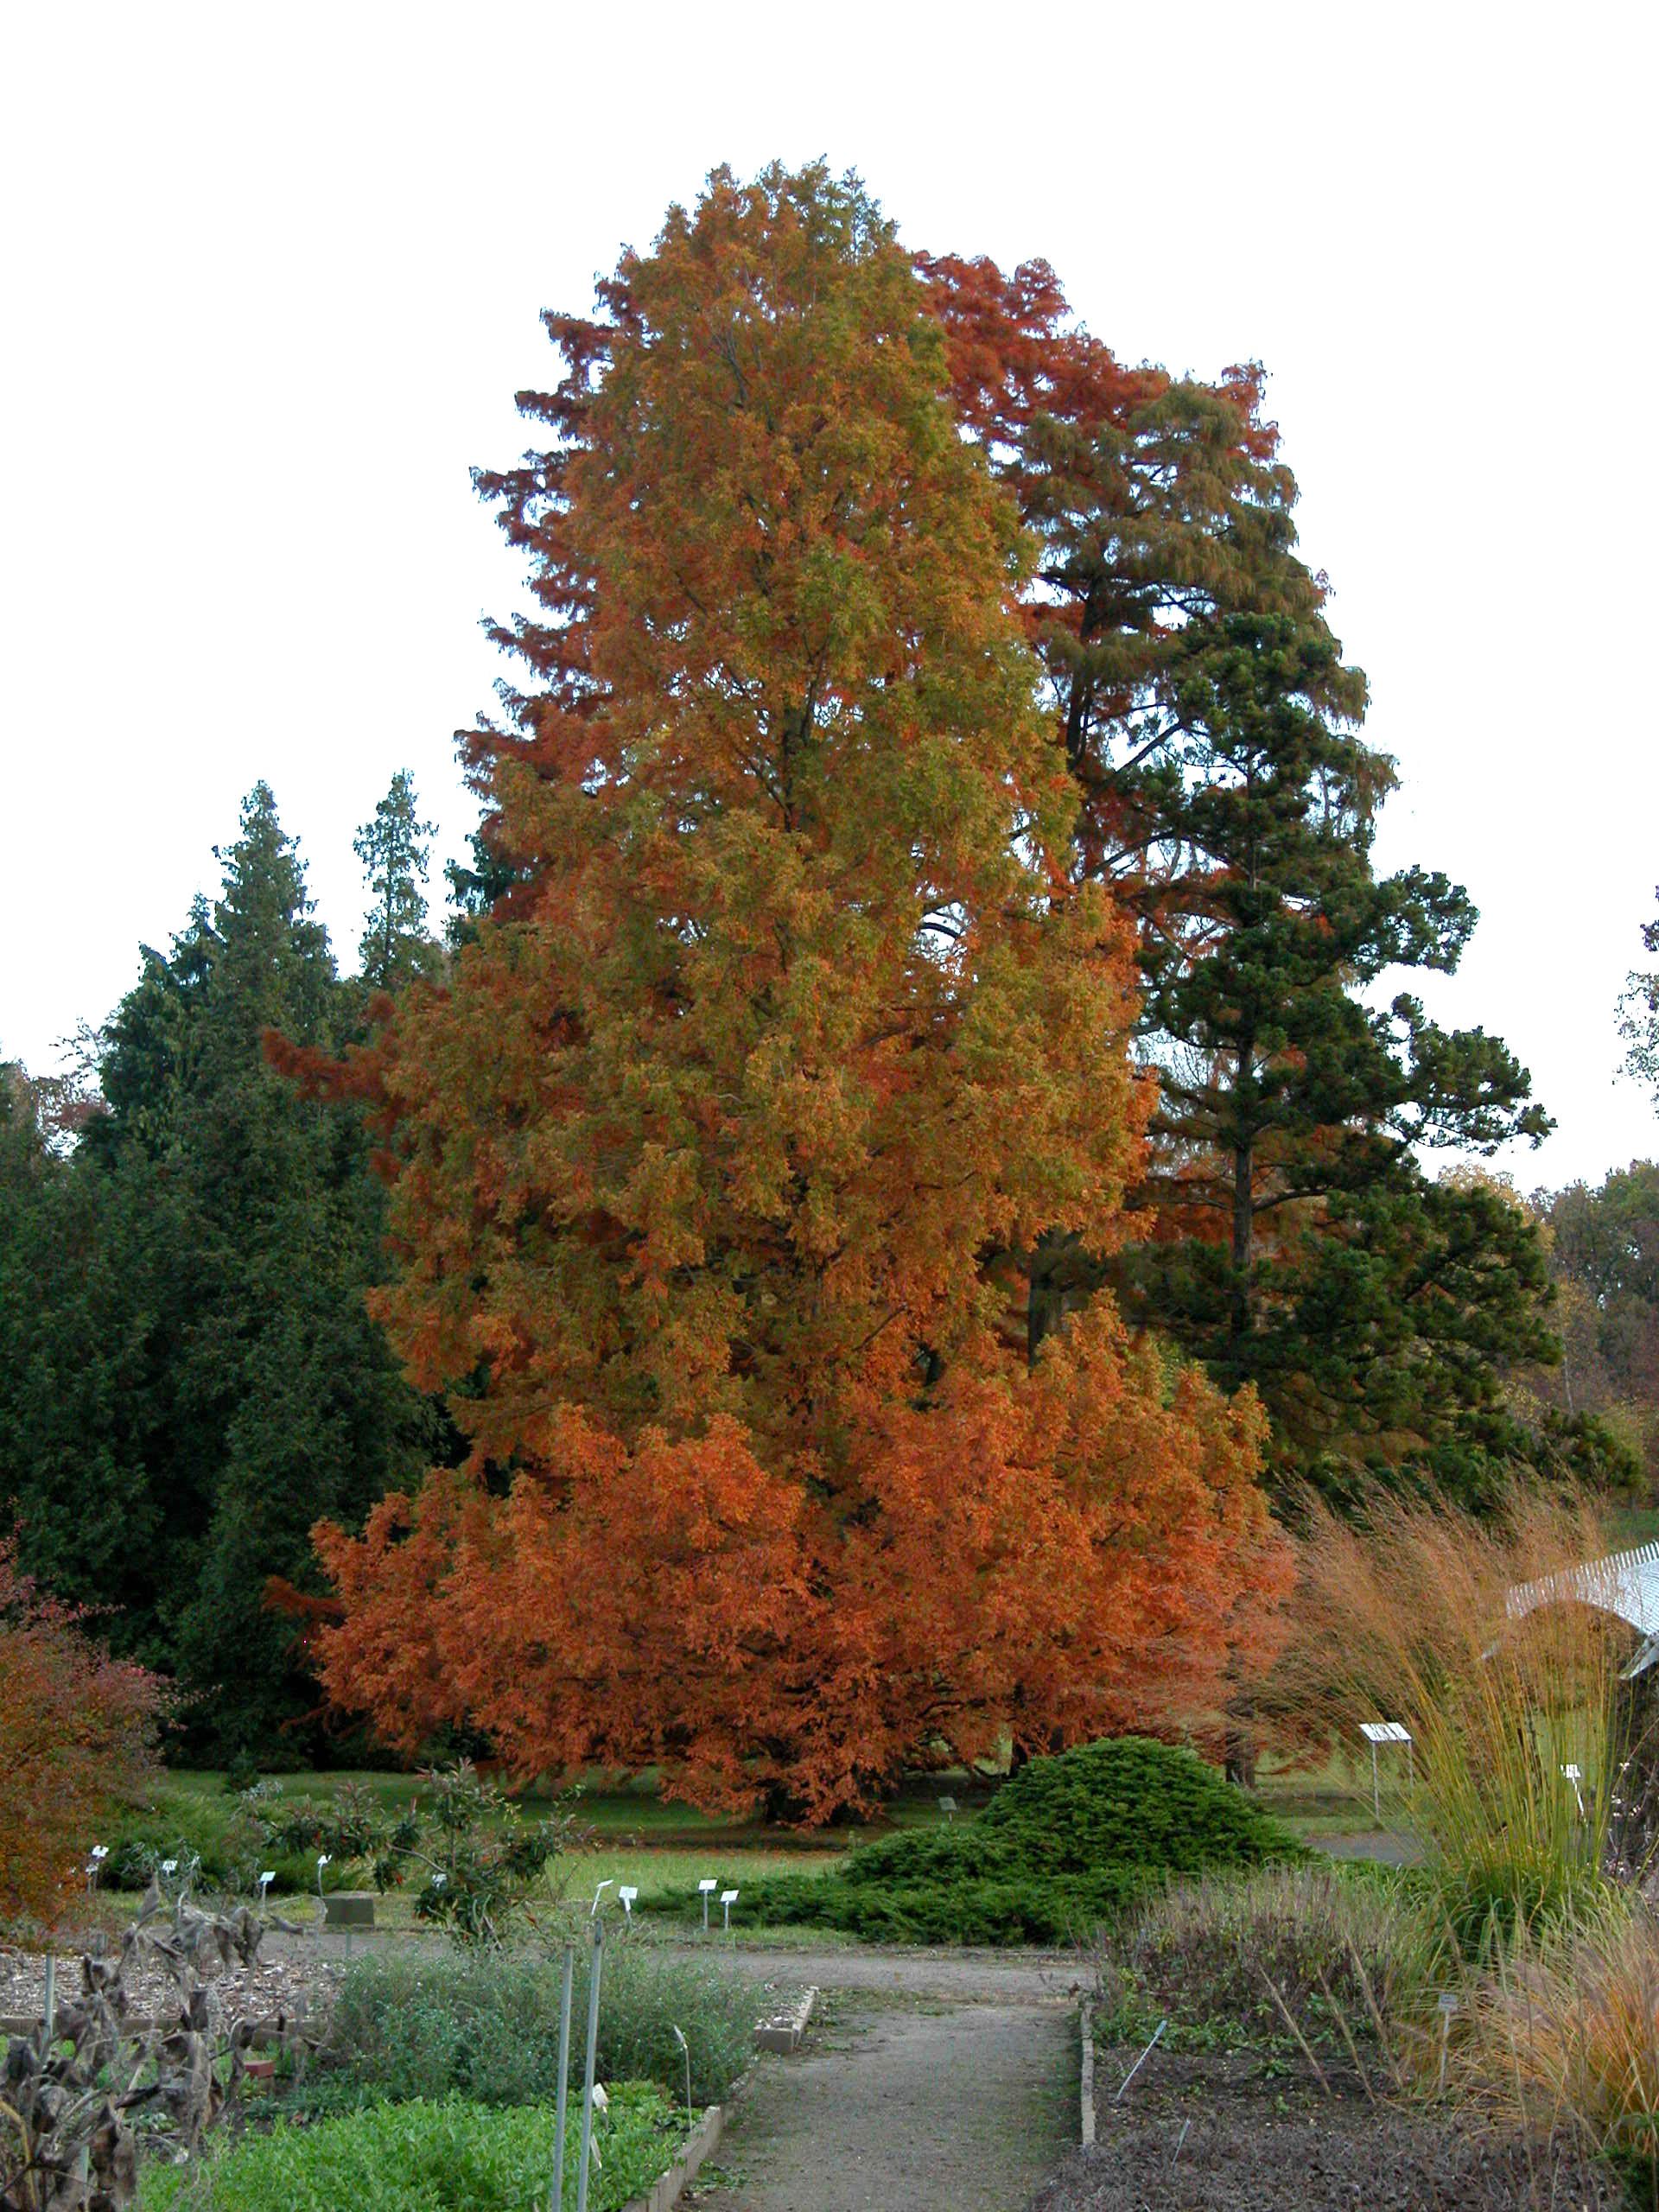 Chinesischer Urwelt-Mammutbaum (Metasequoia glyptostroboides) im Herbstlaub. Foto: I. Haas / Botanischer Garten und Botanisches Museum Berlin